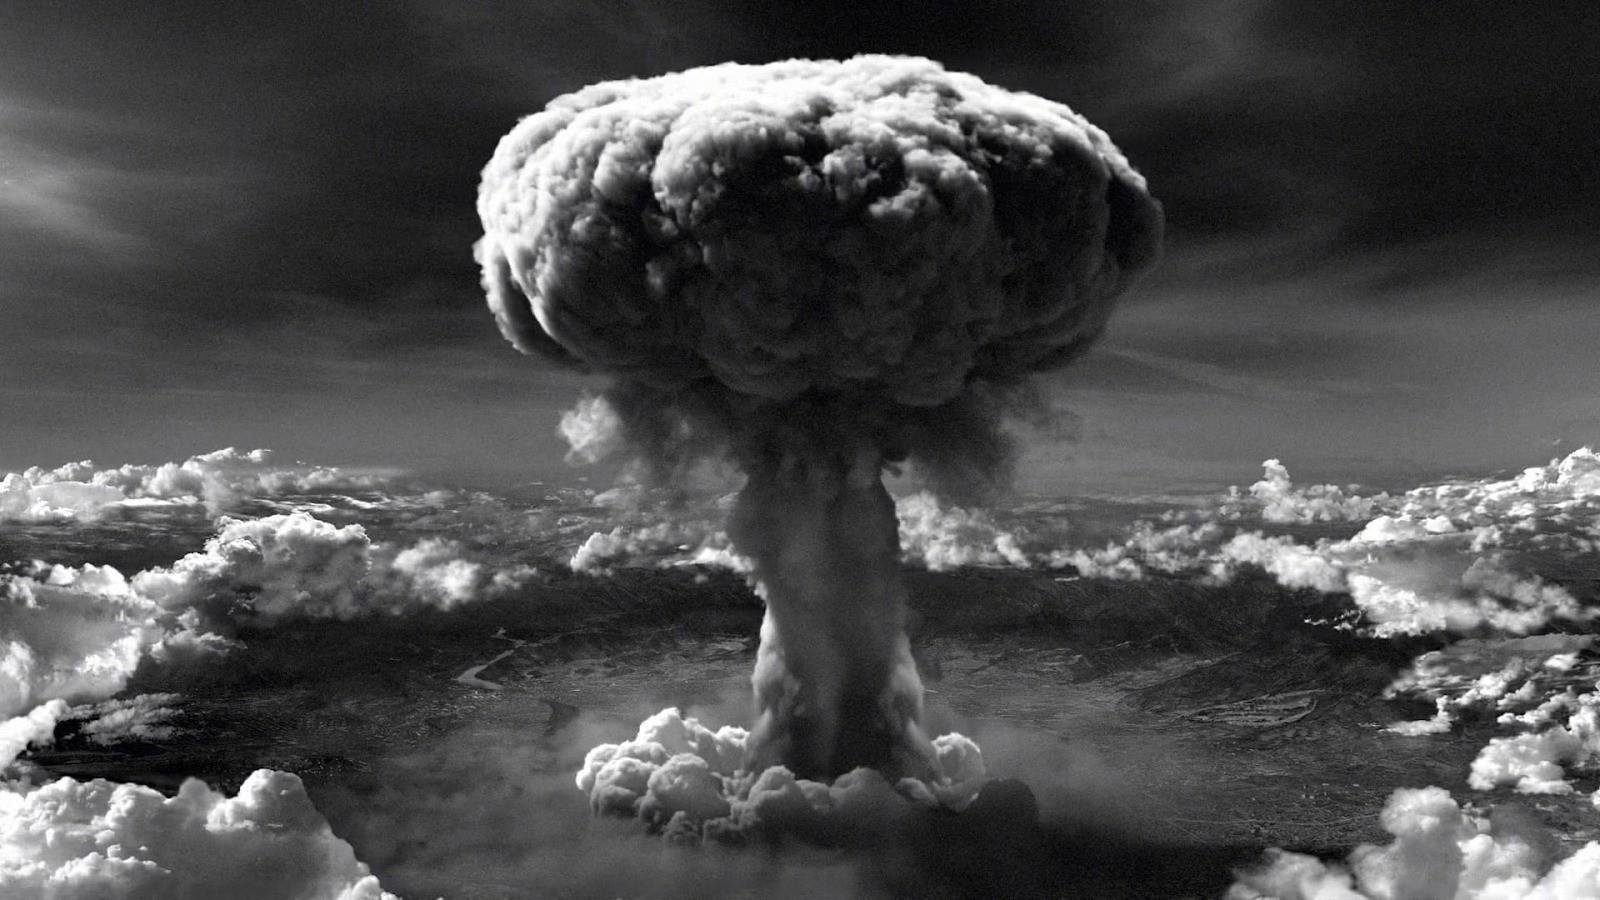 74 năm sau thảm họa bom nguyên tử: Thành phố Hiroshima và Nagasaki hồi sinh mạnh mẽ, người sống sót nhưng mãi chỉ nằm lại ở quá khứ - Ảnh 1.